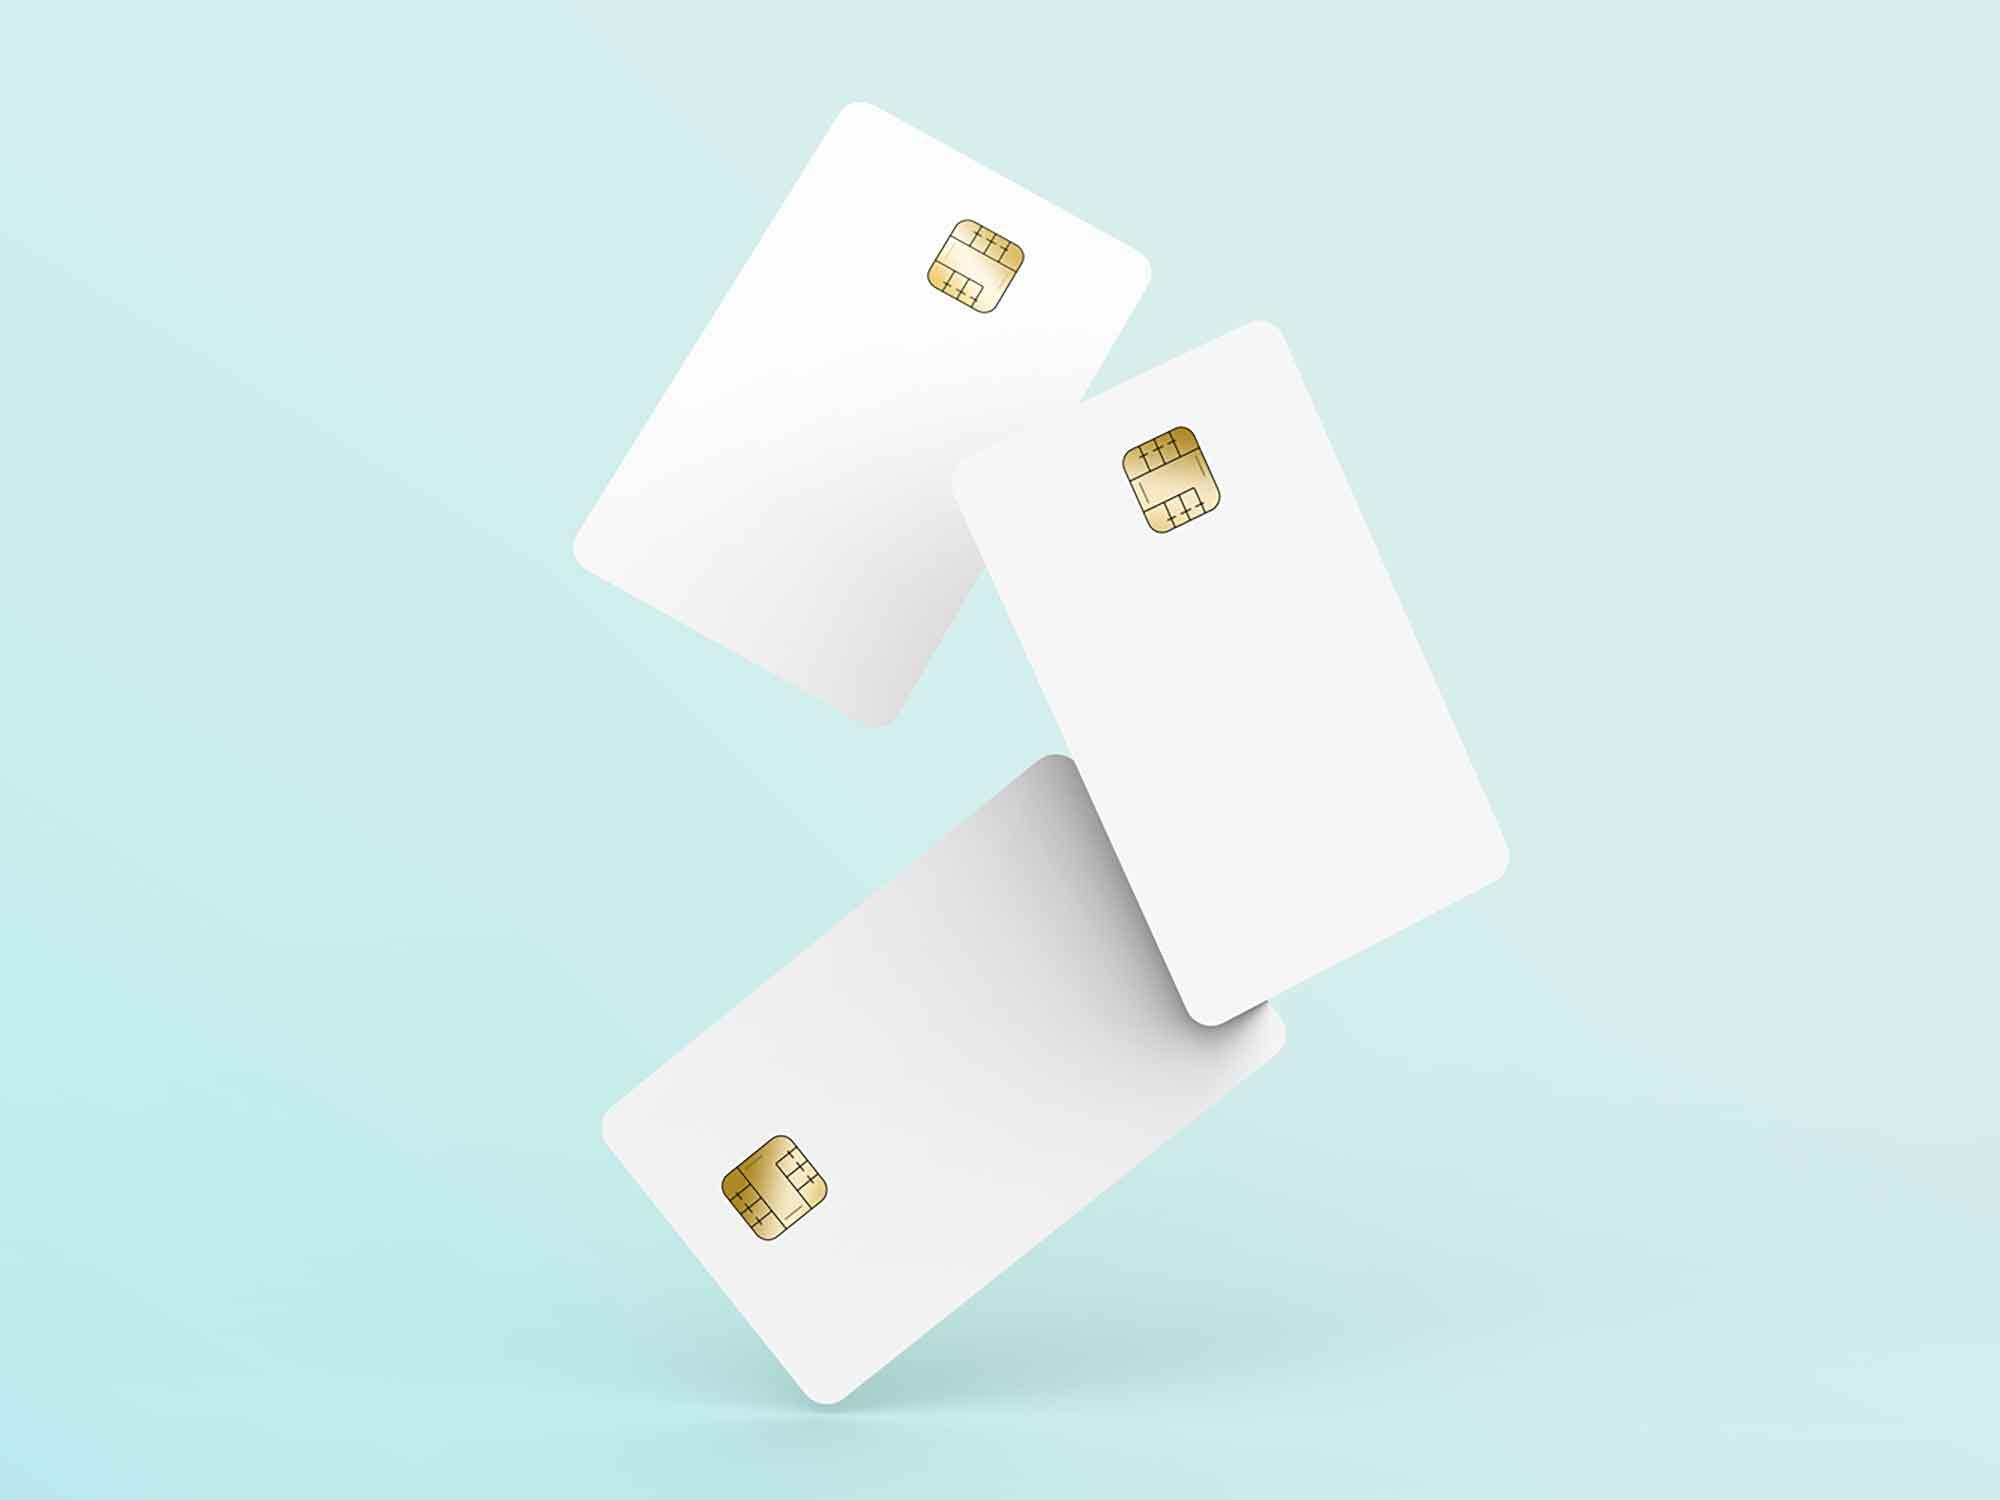 Floating Credit Cards Mockup 3